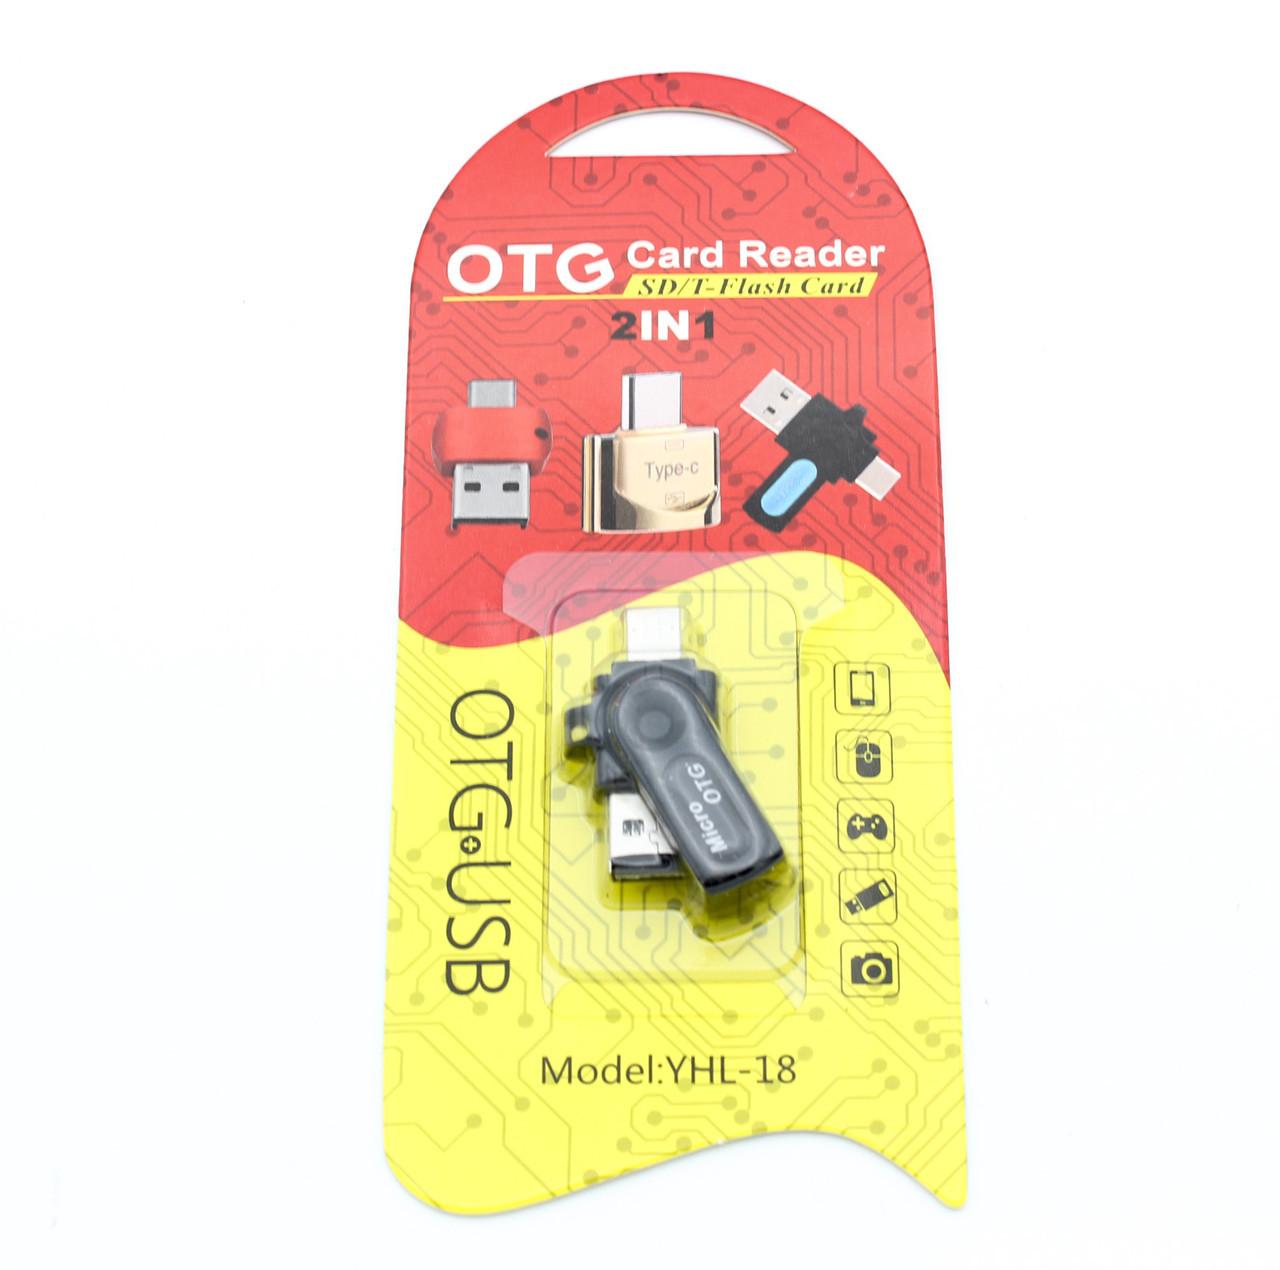 Мини карт-ридер OTG 2 в 1 YHL-18 Microsd, MicroUSB, USB входа